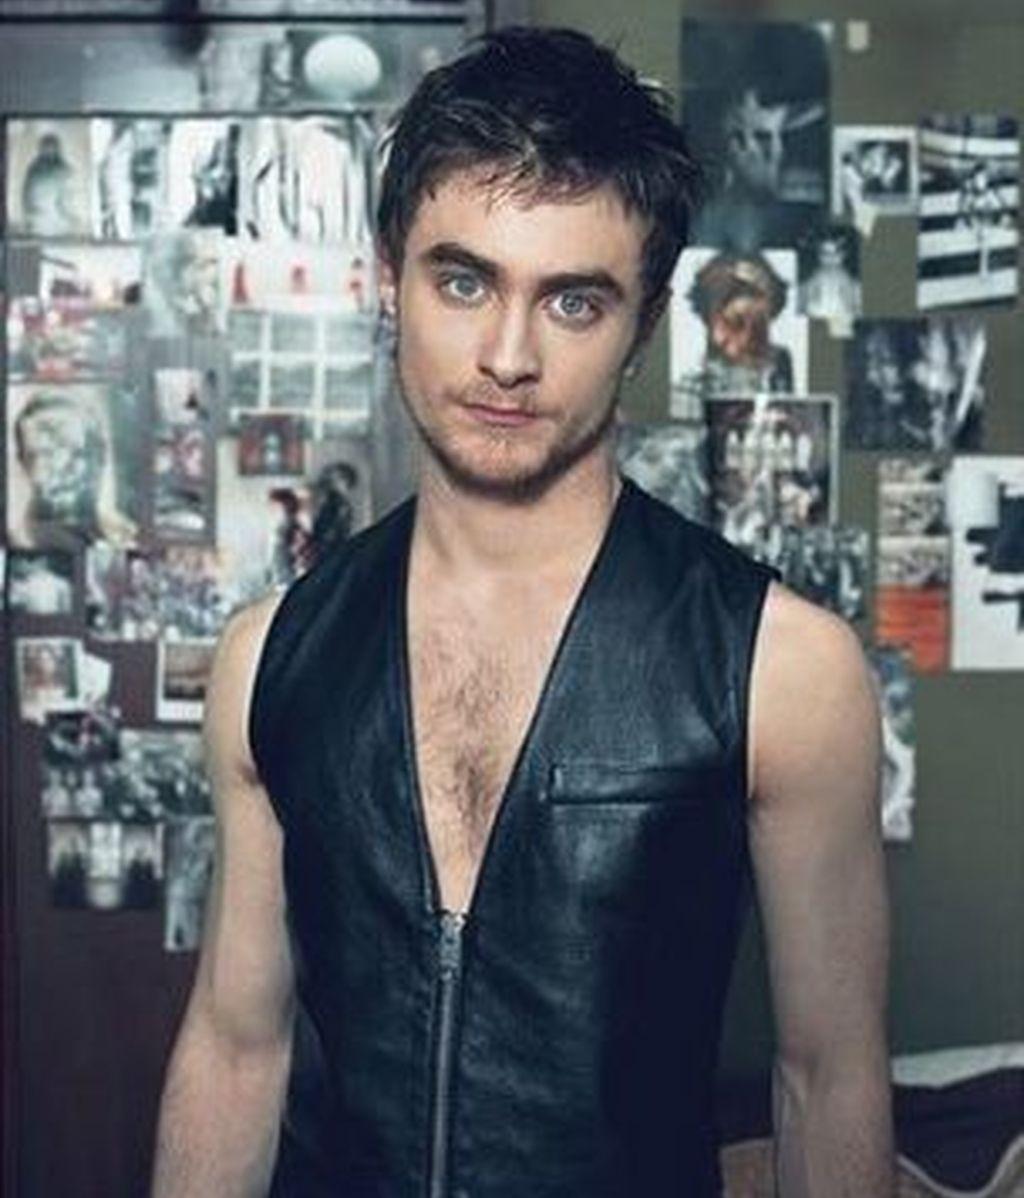 Daniel Radcliffe lleva diez años en la cresta de la fama con su personaje Harry Potter. Cambiar de vida le da un poco de miedo al actor.